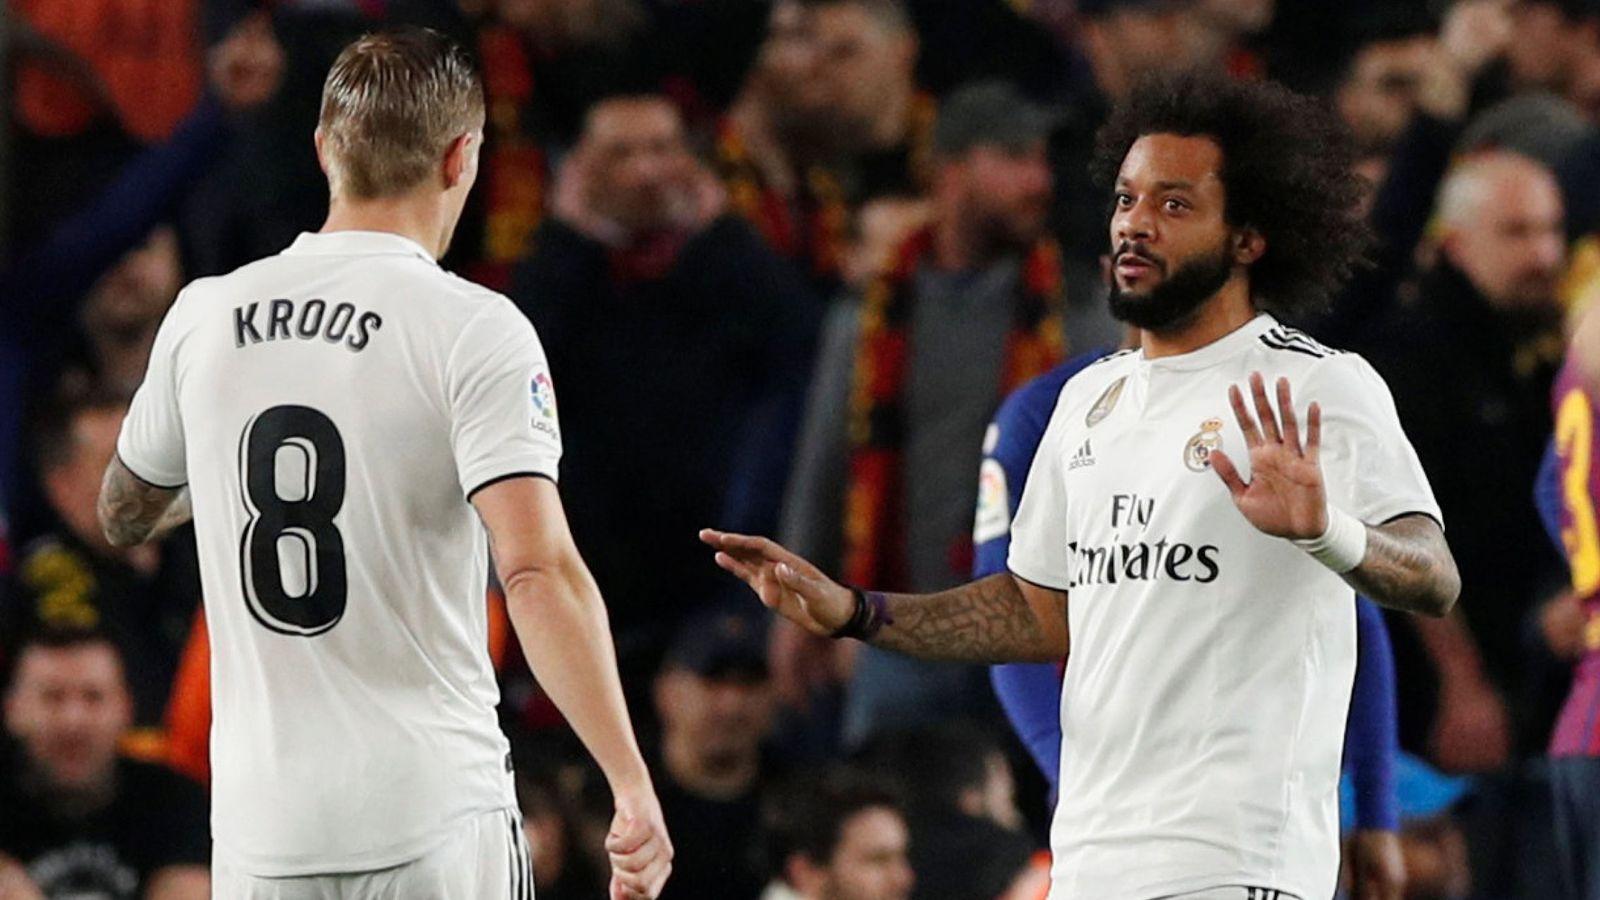 Foto: Marcelo junto a Kroos en el Camp Nou. (EFE)